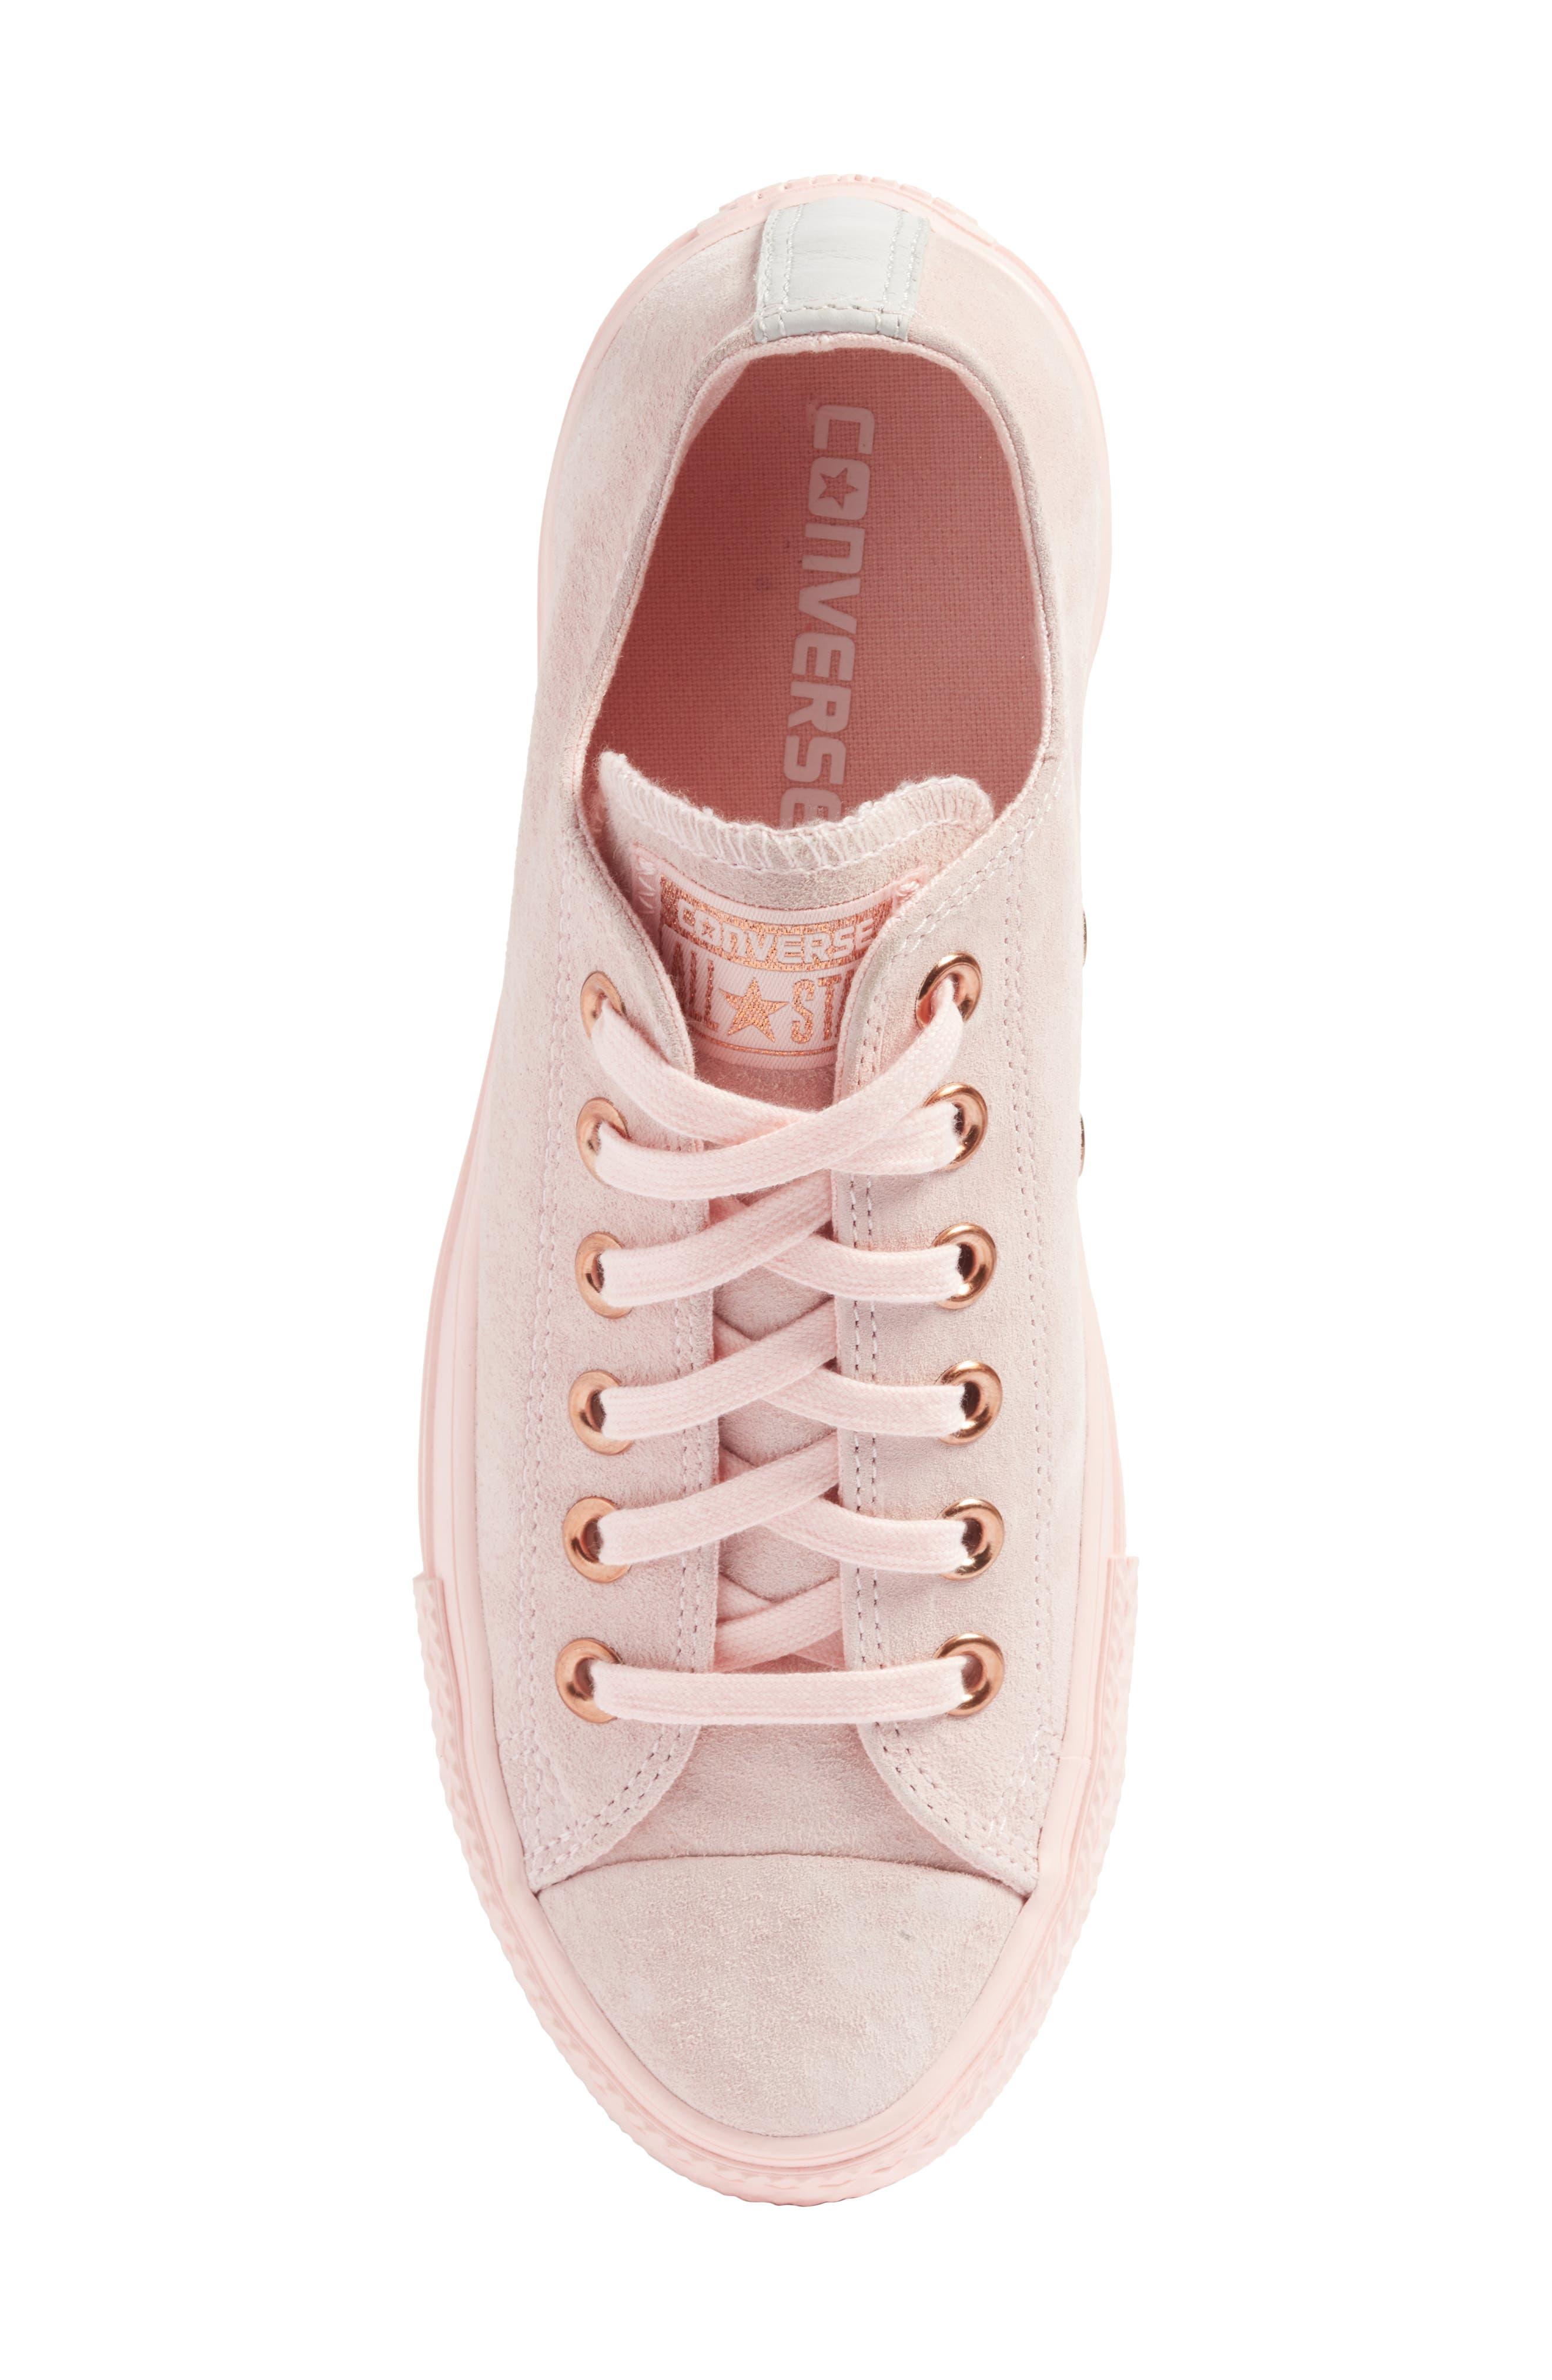 Blossom Sneaker,                             Alternate thumbnail 6, color,                             Vapor Pink